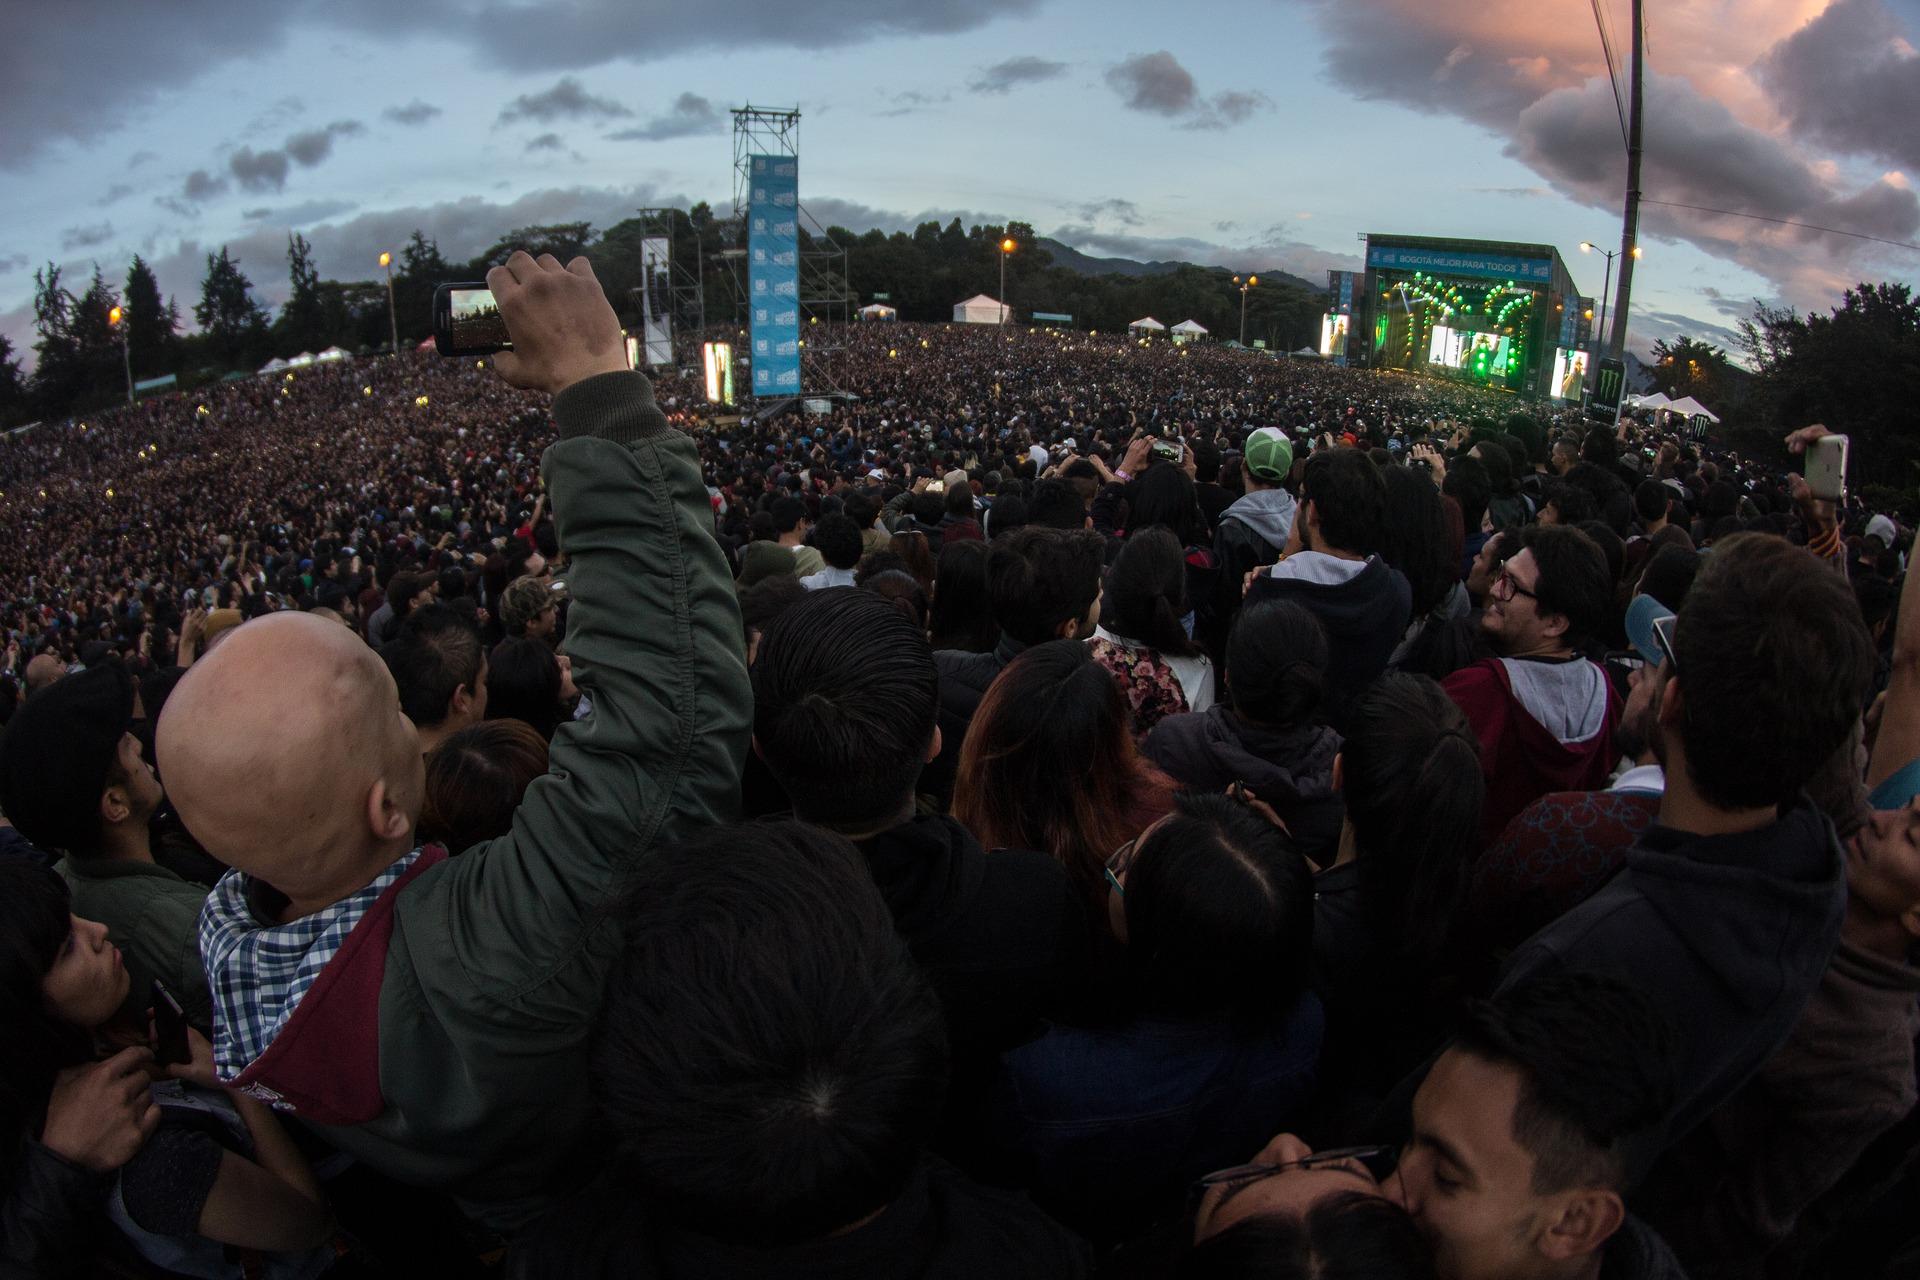 Festival in Kolumbien - wer Festivals liebt ist in Kolumbien richtig informiere dich wann deine Musicrichtung vertreten ist und stürze dich in das Abenteuer